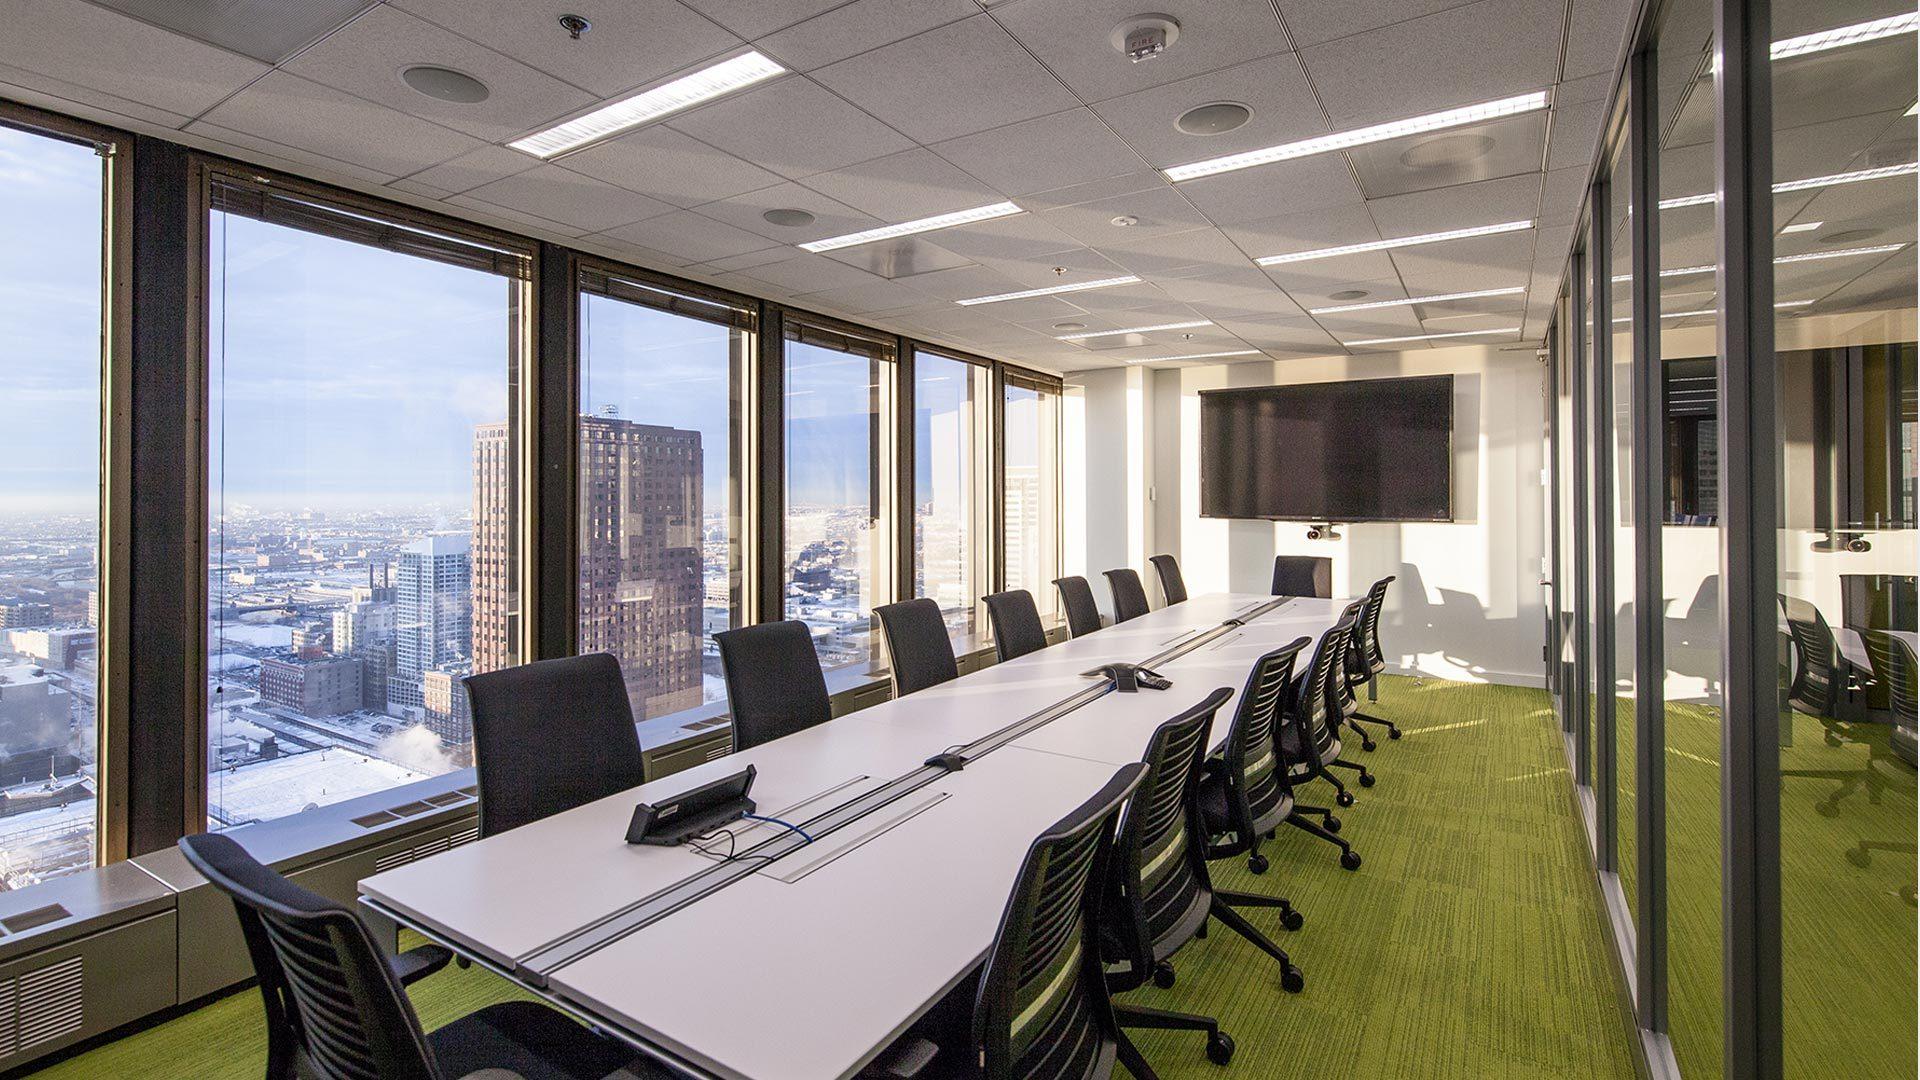 03_Meeting-Room